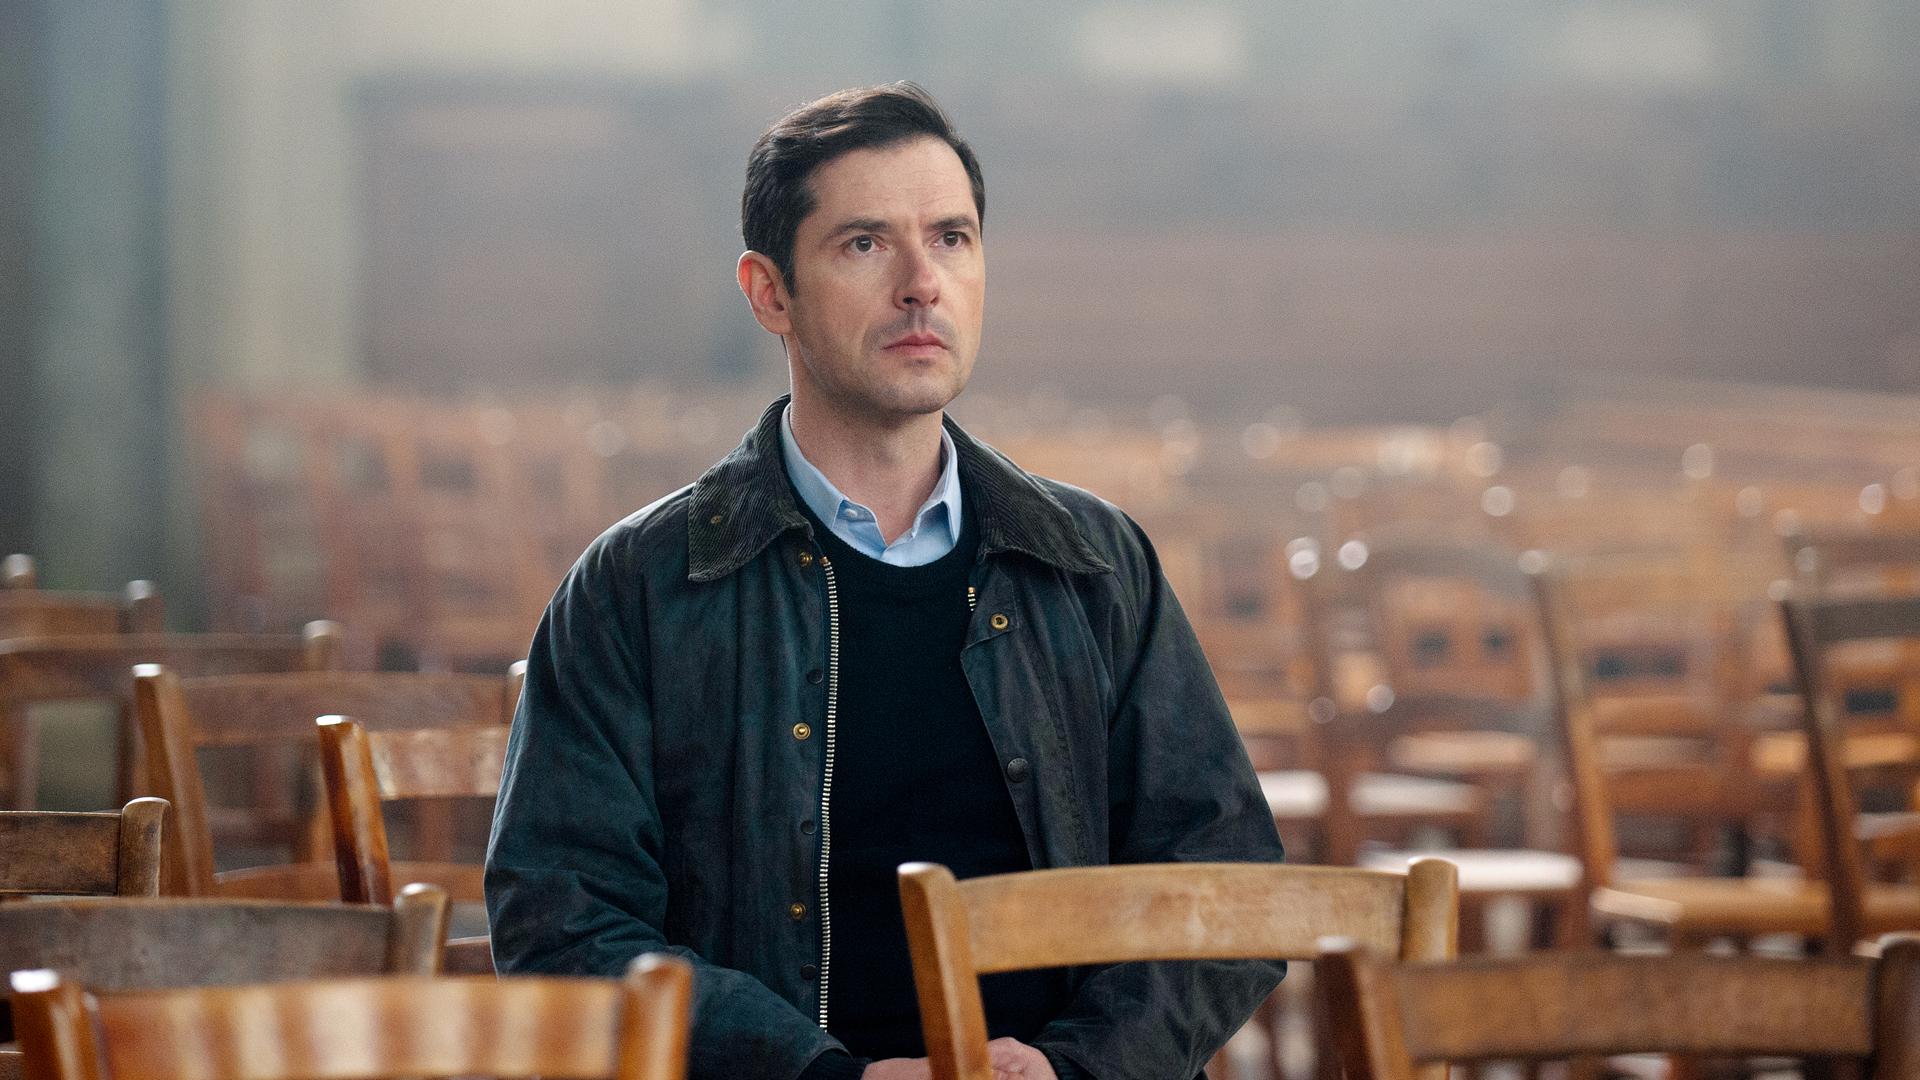 """Der Film """"Gelobt sei Gott"""" zeigt strukturelle Probleme innerhlab der Katholischen Kirche"""